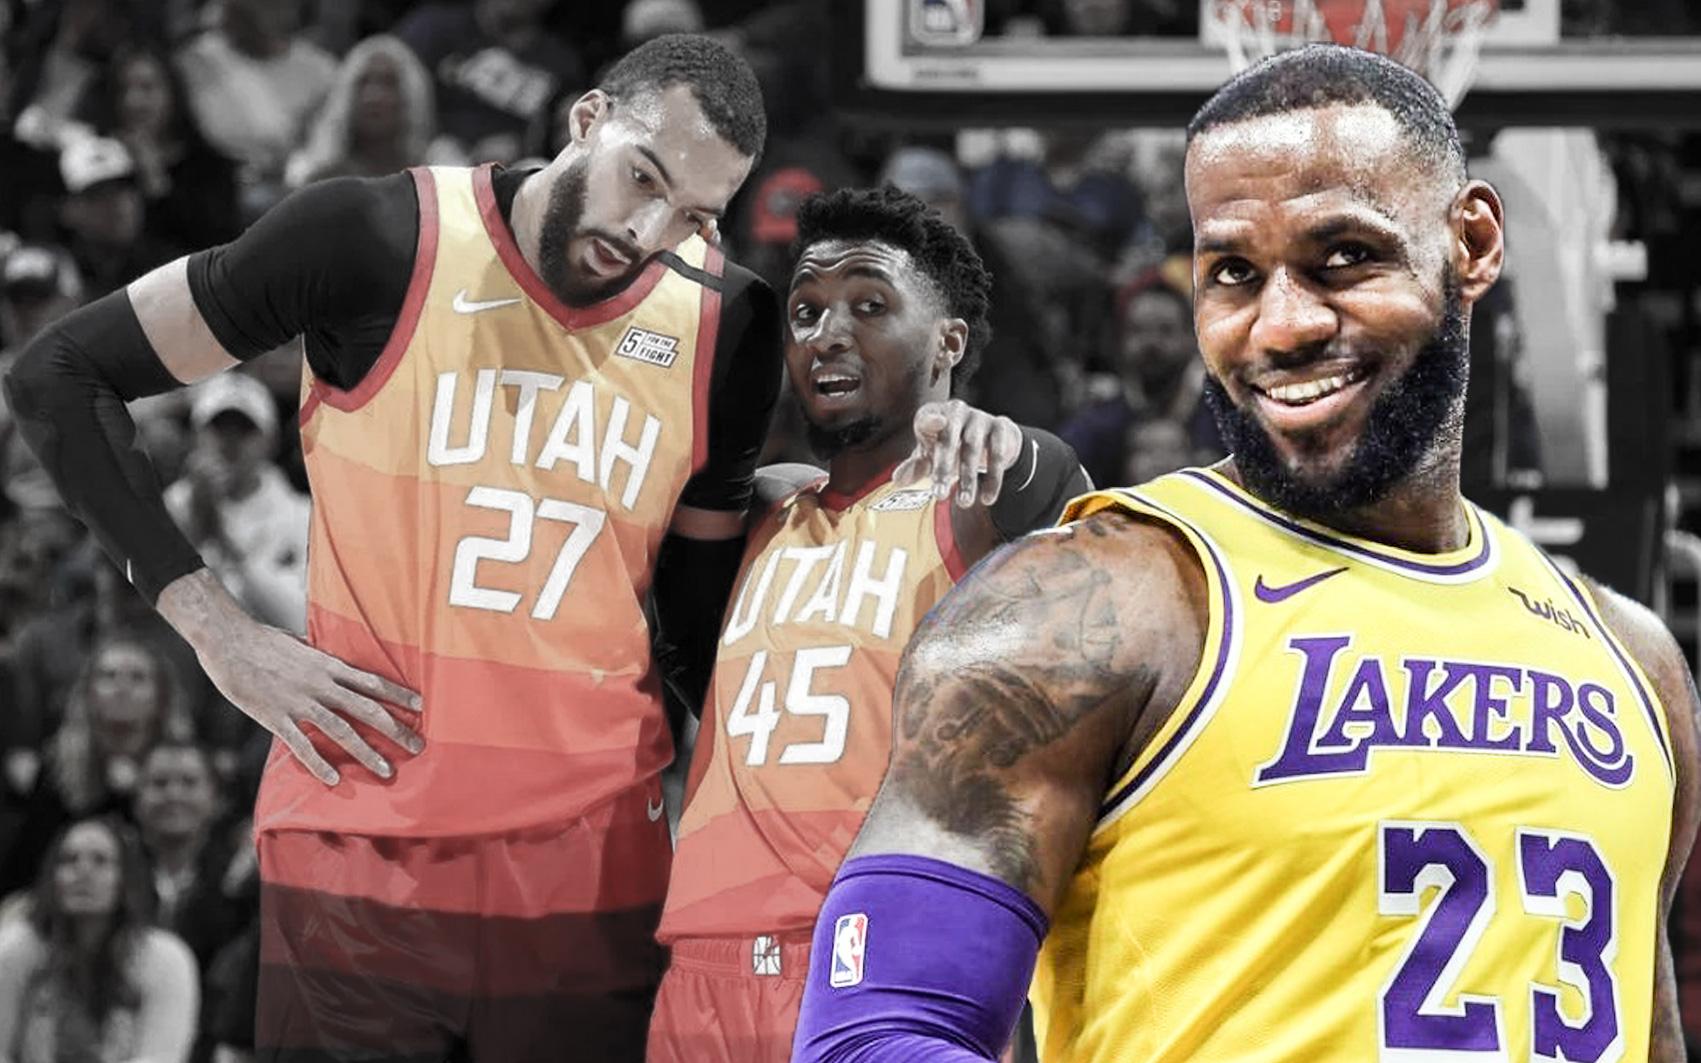 """LeBron James tiết lộ lý do """"hài hước"""" không chọn lựa các cầu thủ Utah Jazz cho đội hình All Star"""